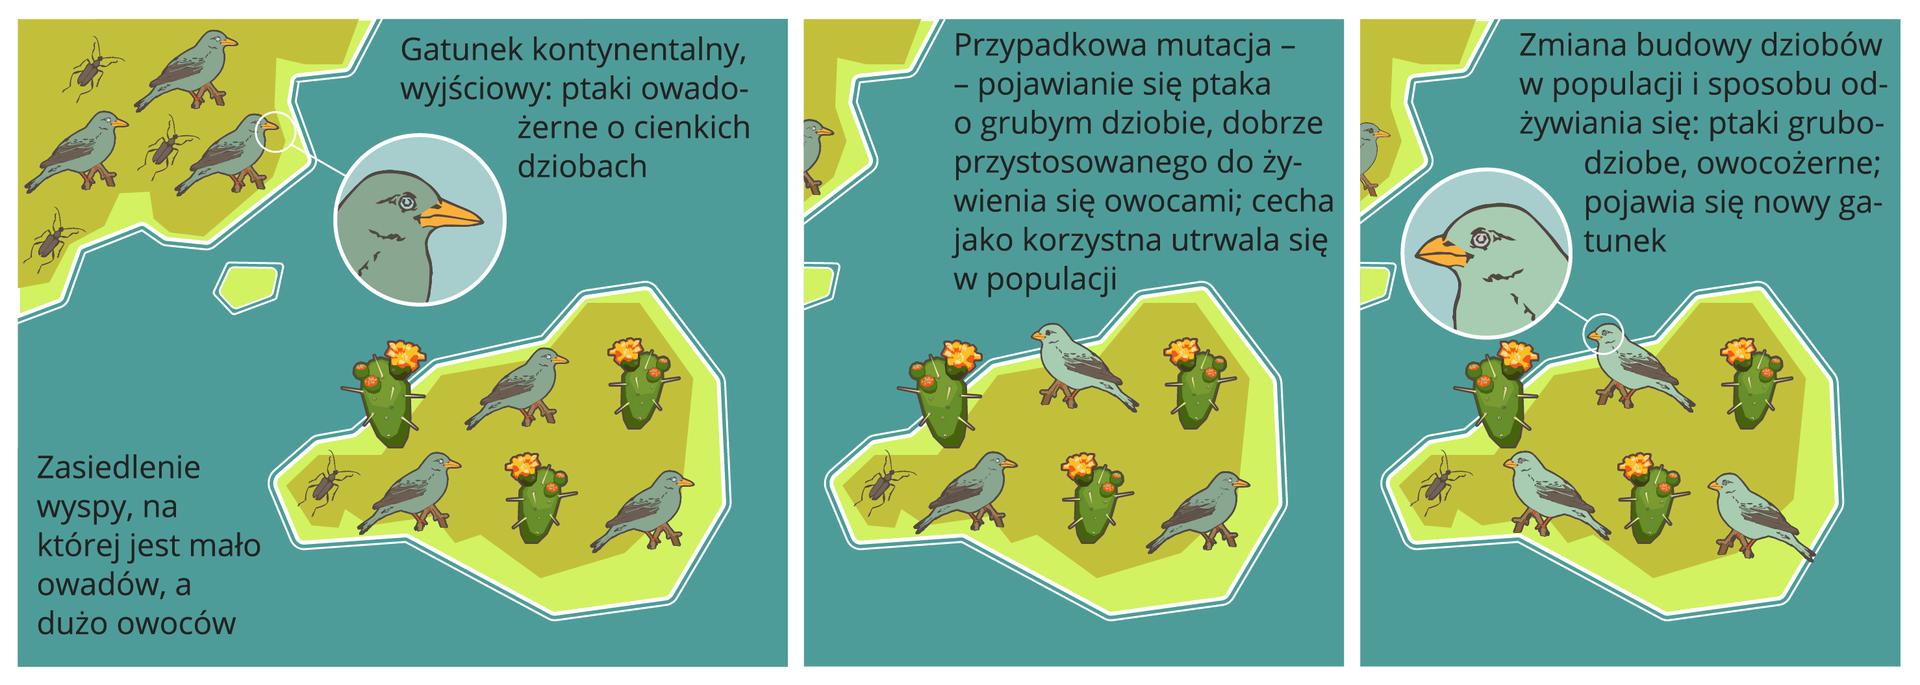 Gatunek kontynentalny, wyjściowy: ptaki owadożerne ocienkich dziobach. Zasiedlenie wyspy, na której jest mało owadów, adużo owoców. Przypadkowa mutacja – pojawianie się ptaka ogrubym dziobie, dobrze przystosowanego do żywienia się owocami; cecha jako korzystna utrwala się wpopulacji. Zmiana budowy dziobów wpopulacji isposobu odżywiania się: ptaki grubodziobe , owocożerne; pojawia się nowy gatunek.